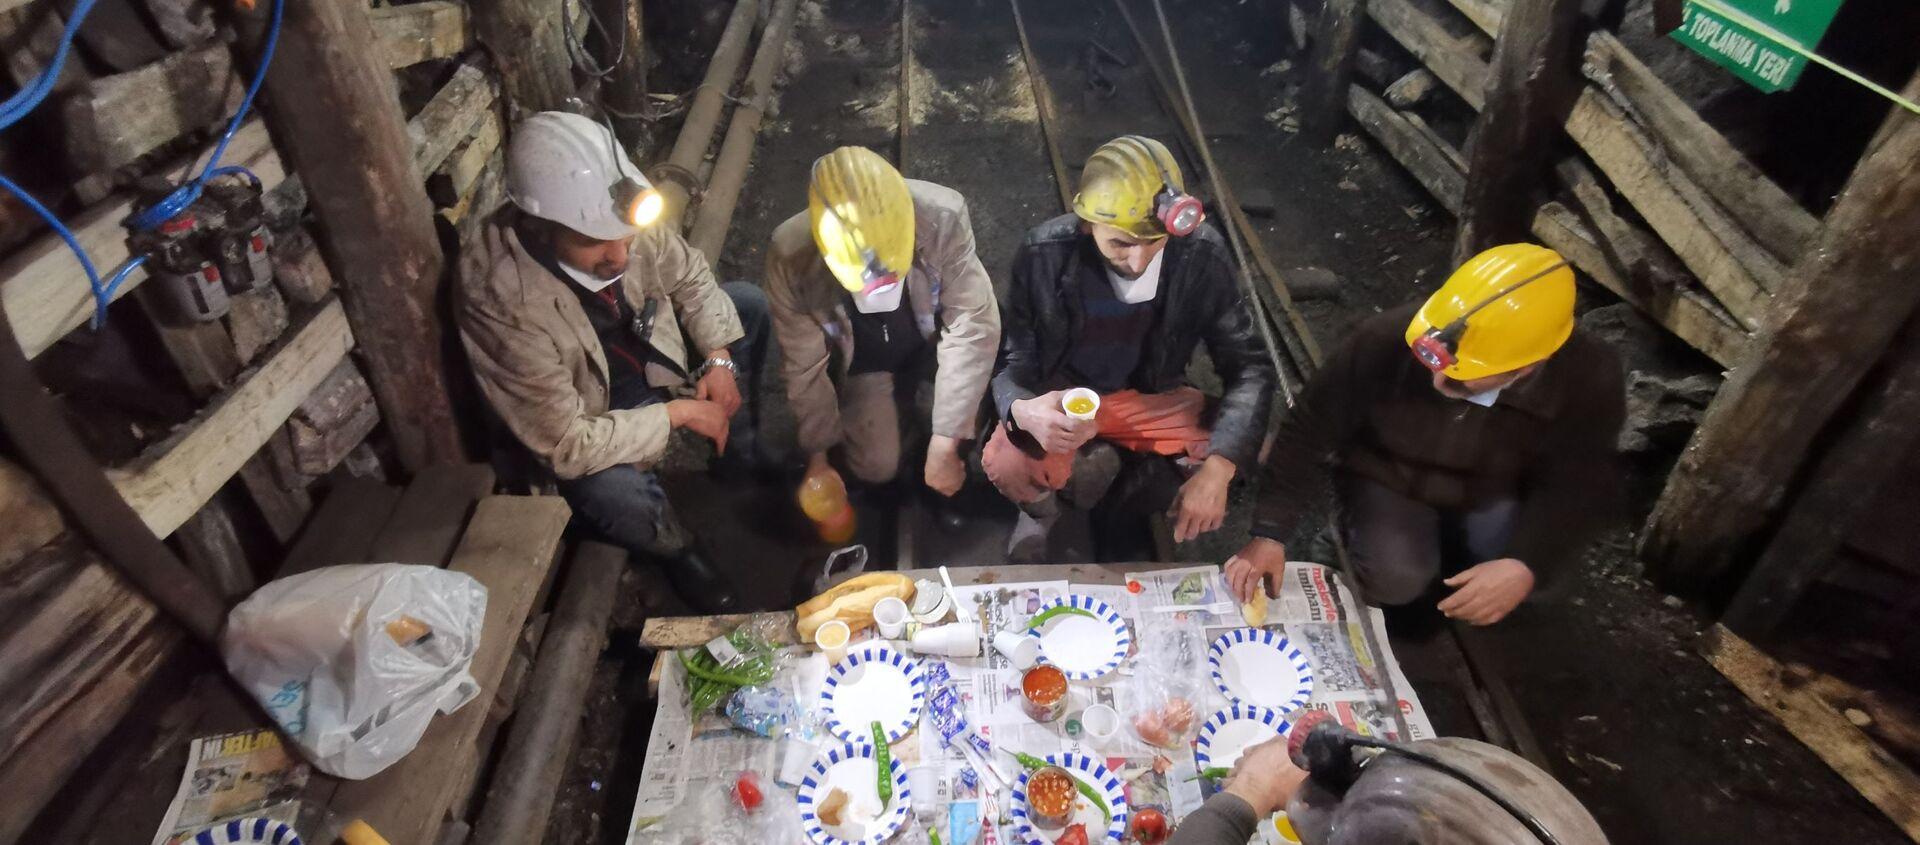 Maden işçileri, Ramazan ayının ilk sahurunu yerin 250 metre altında yaptılar - Sputnik Türkiye, 1920, 28.04.2021